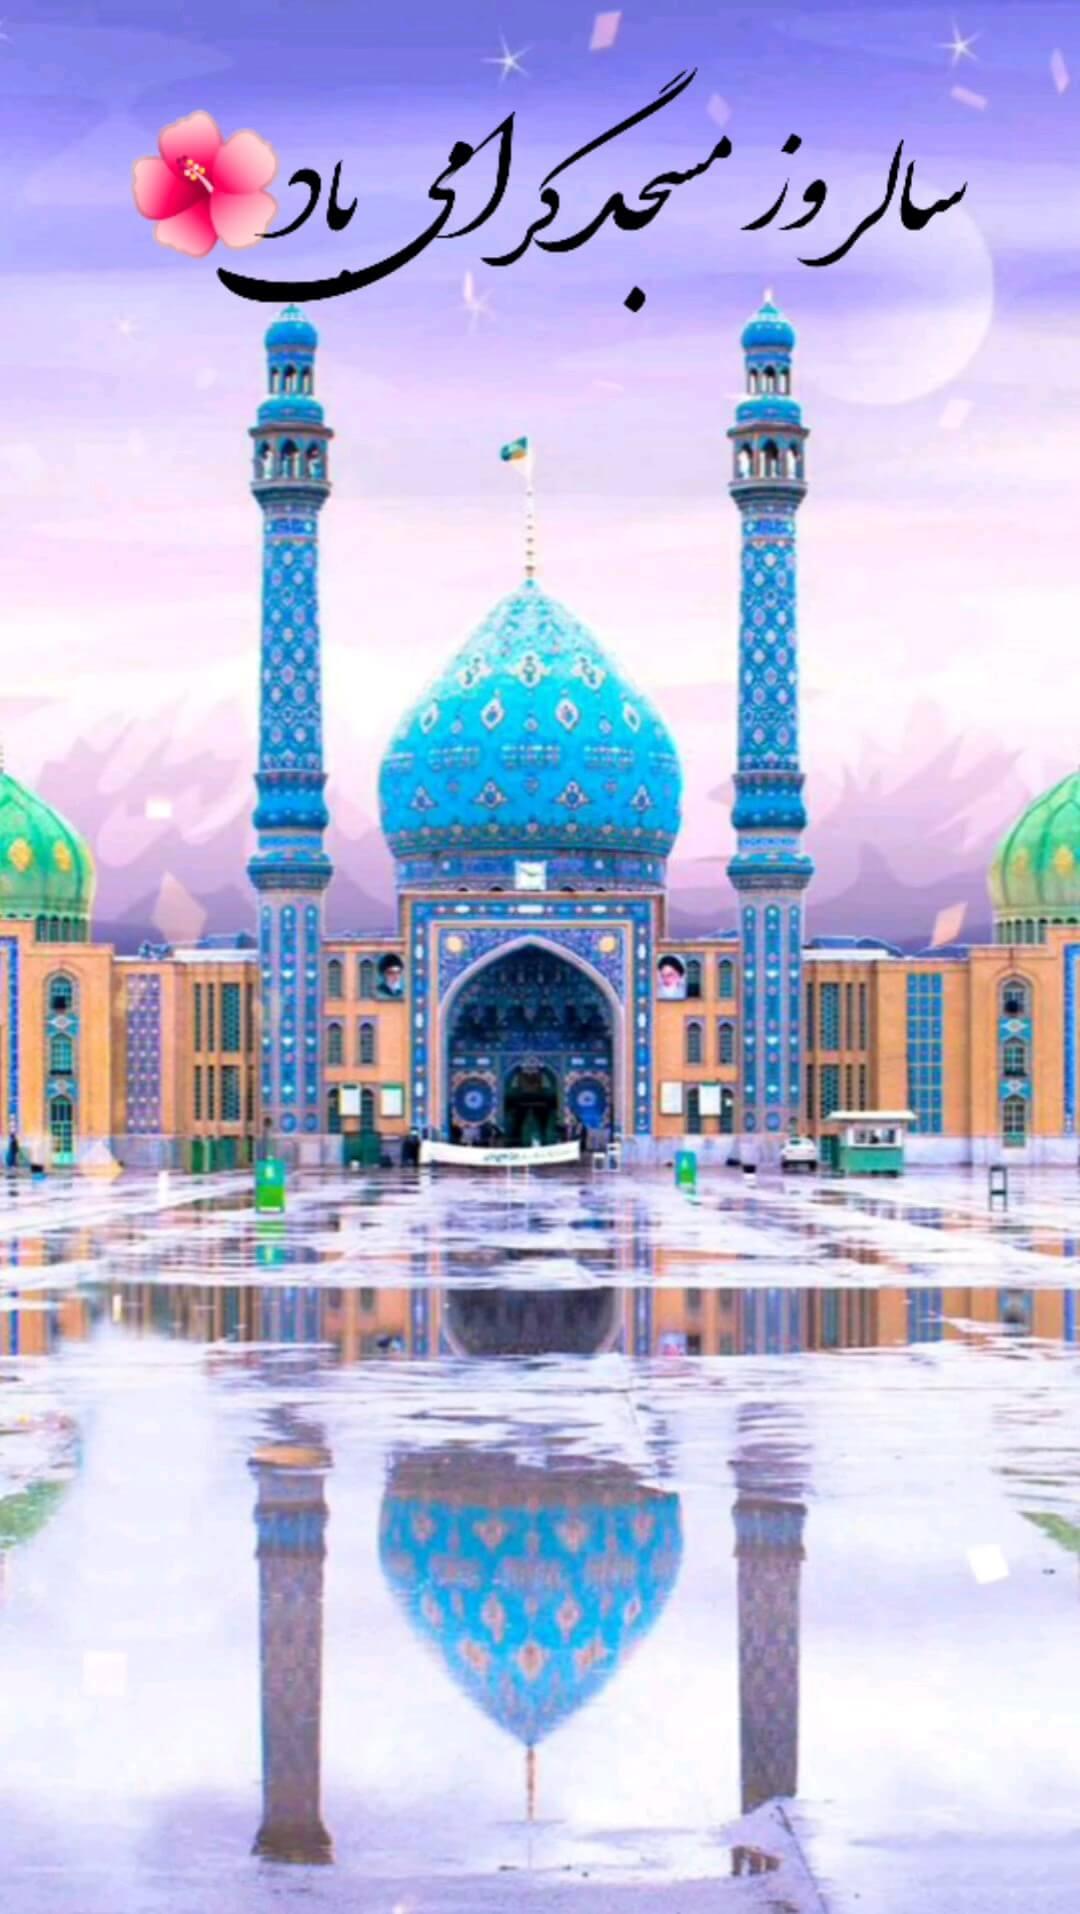 گیف روز مسجد مبارک